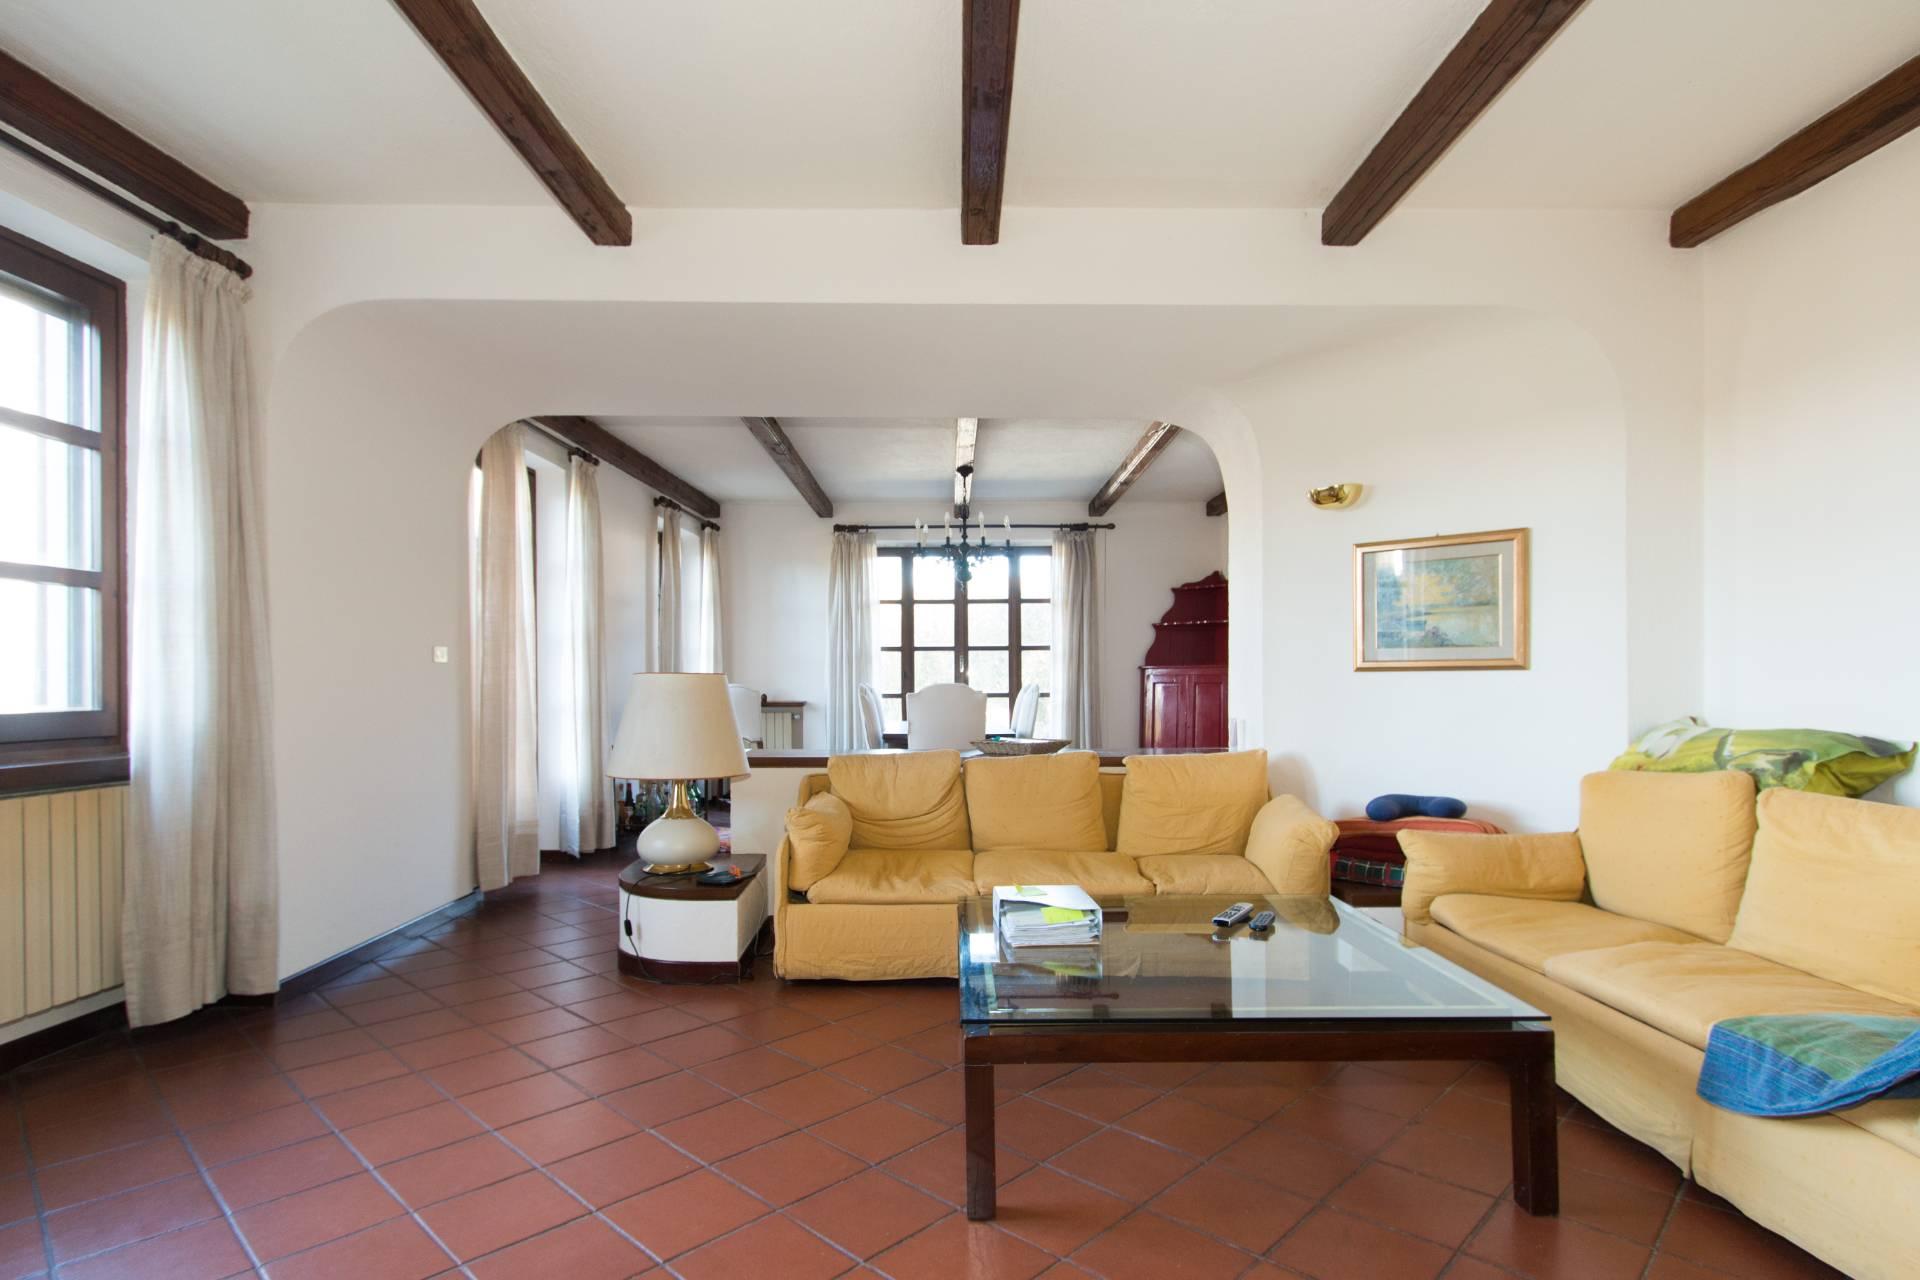 Immobili residenziali e commerciali in affitto a chieri for Affitto chieri arredato